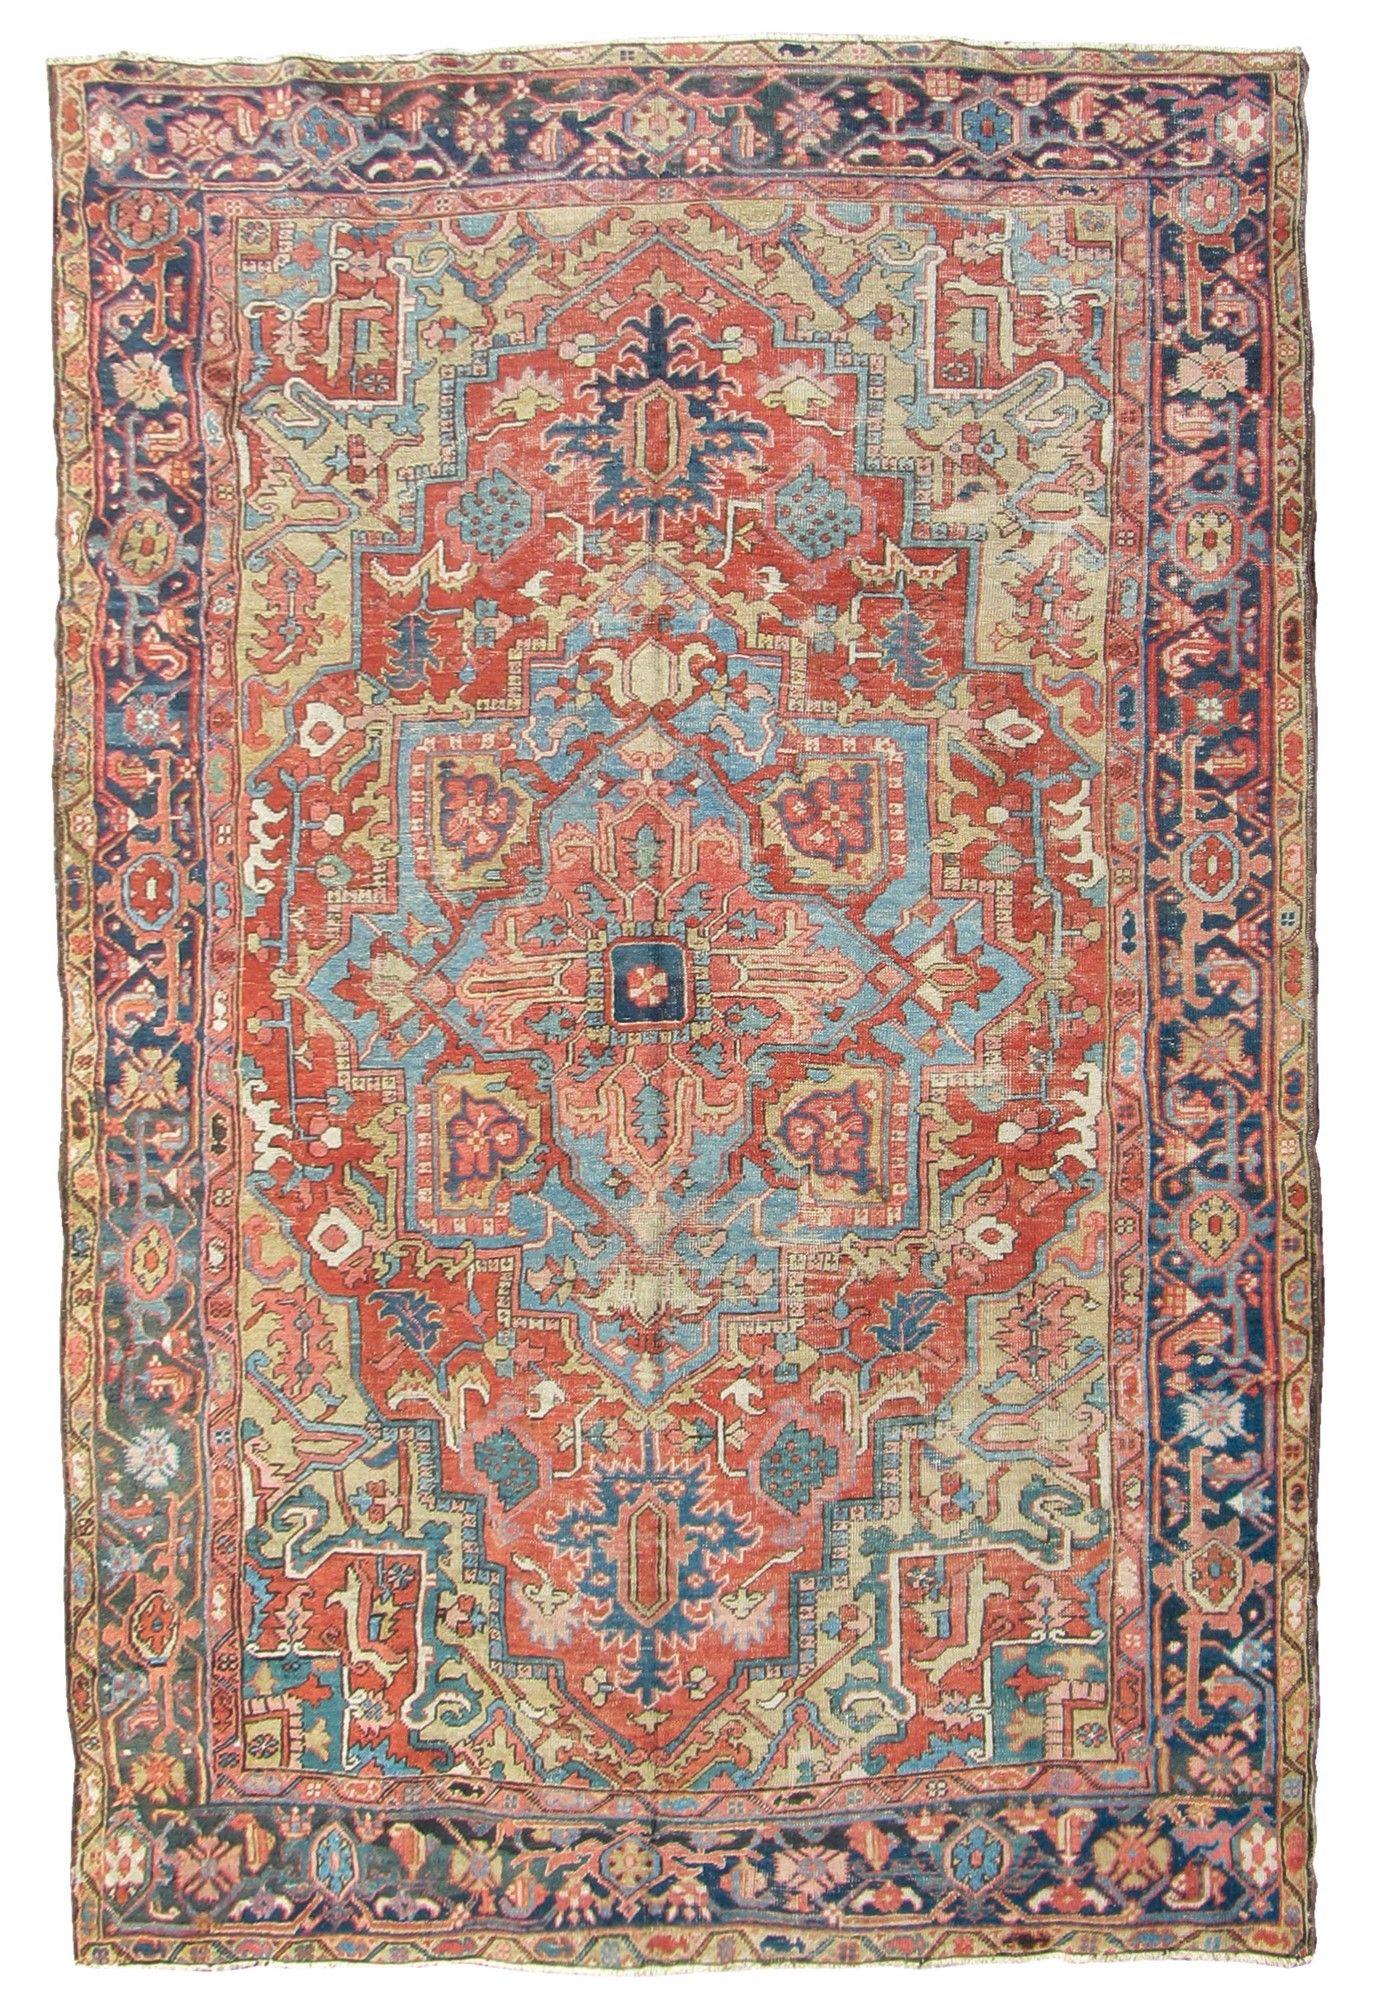 Tappeto nord ovest Persia Heritz fine XIX secolo from cambi casa d'este